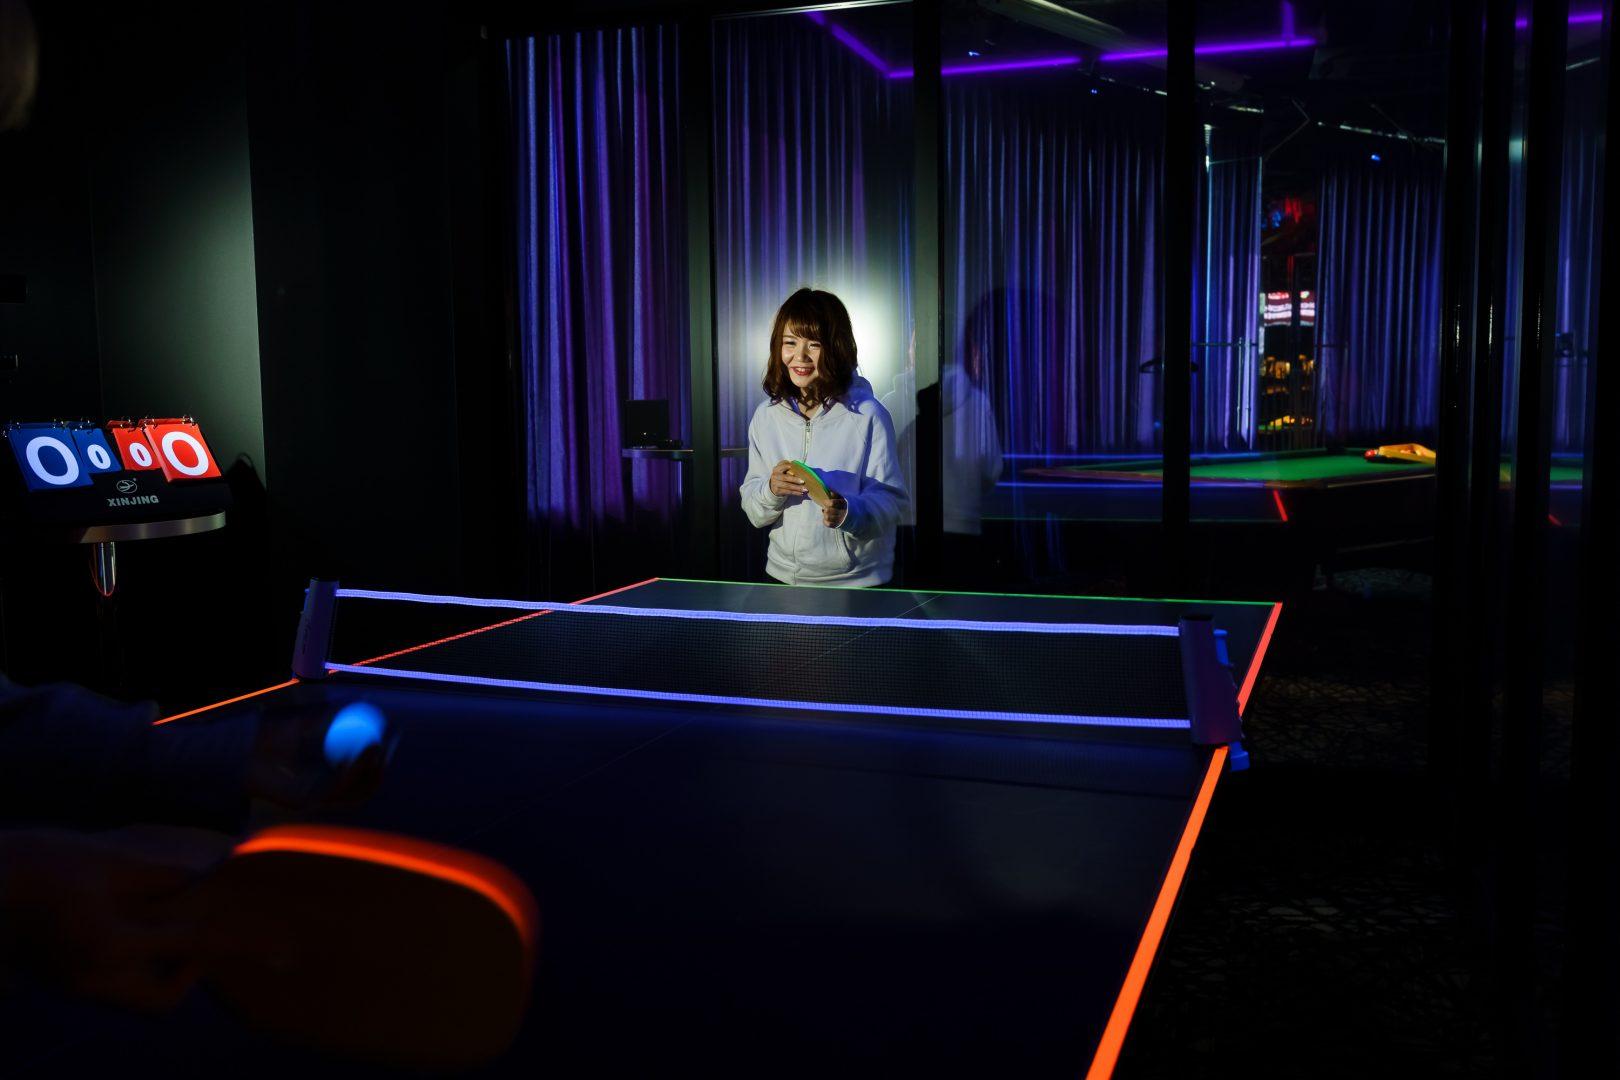 名古屋のドン・キホーテに暗闇で光る「コズミック卓球」が登場